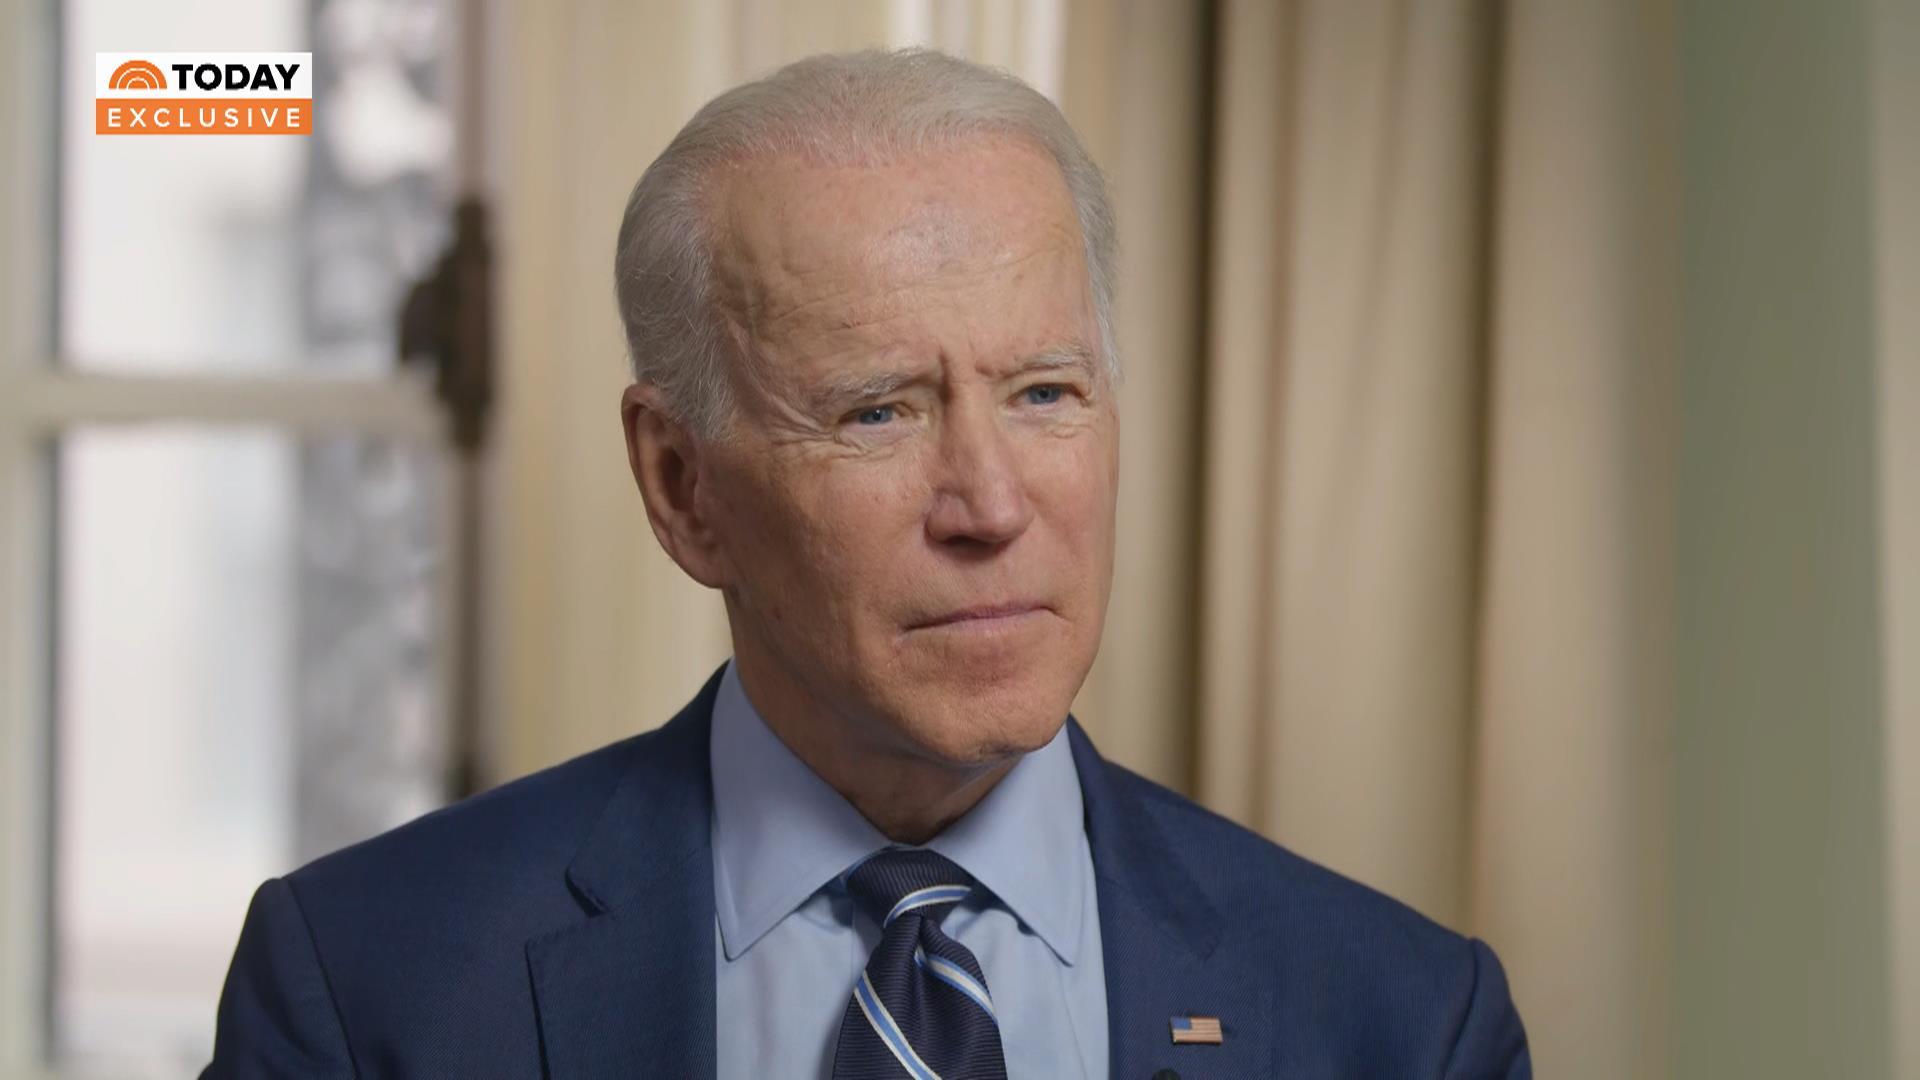 Joe Biden on Sanders: Americans 'aren't looking for revolution'